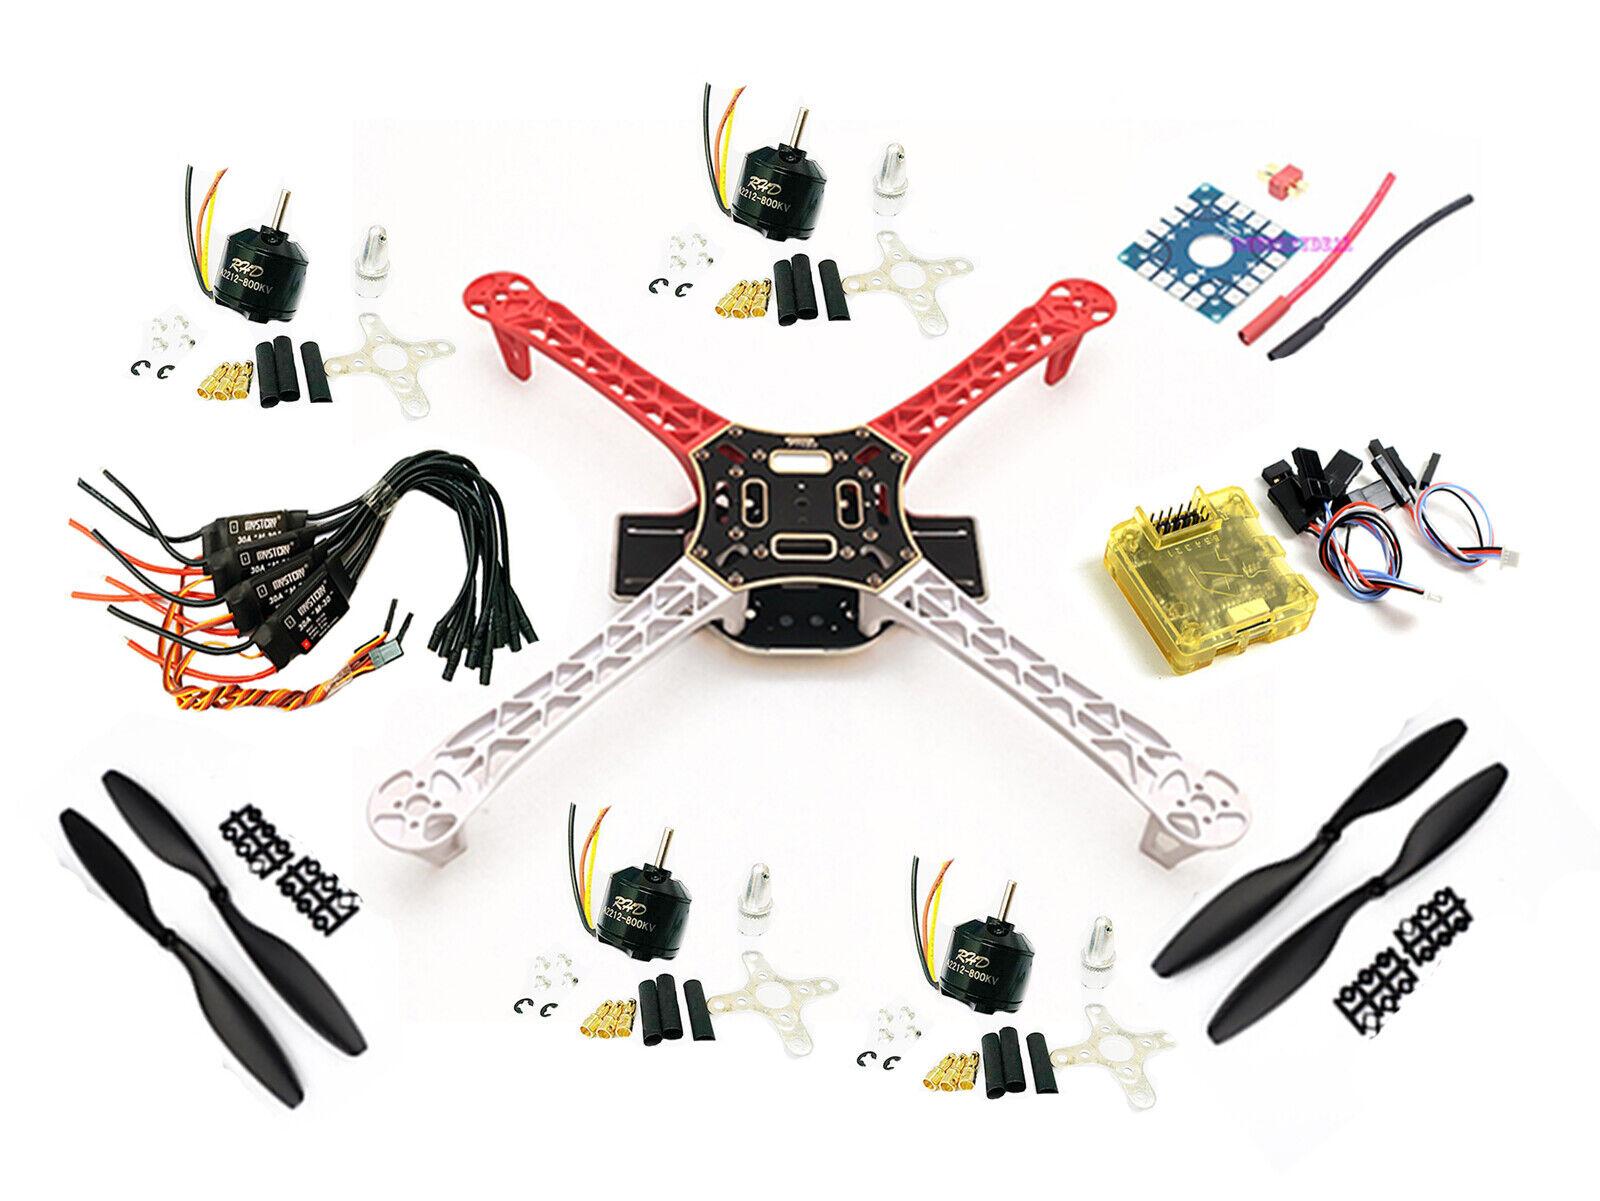 Cuadricóptero F450 kit de rack marco con CC3D Evo 2212 800 kV 30 A Simonk Esc 1045 Prop